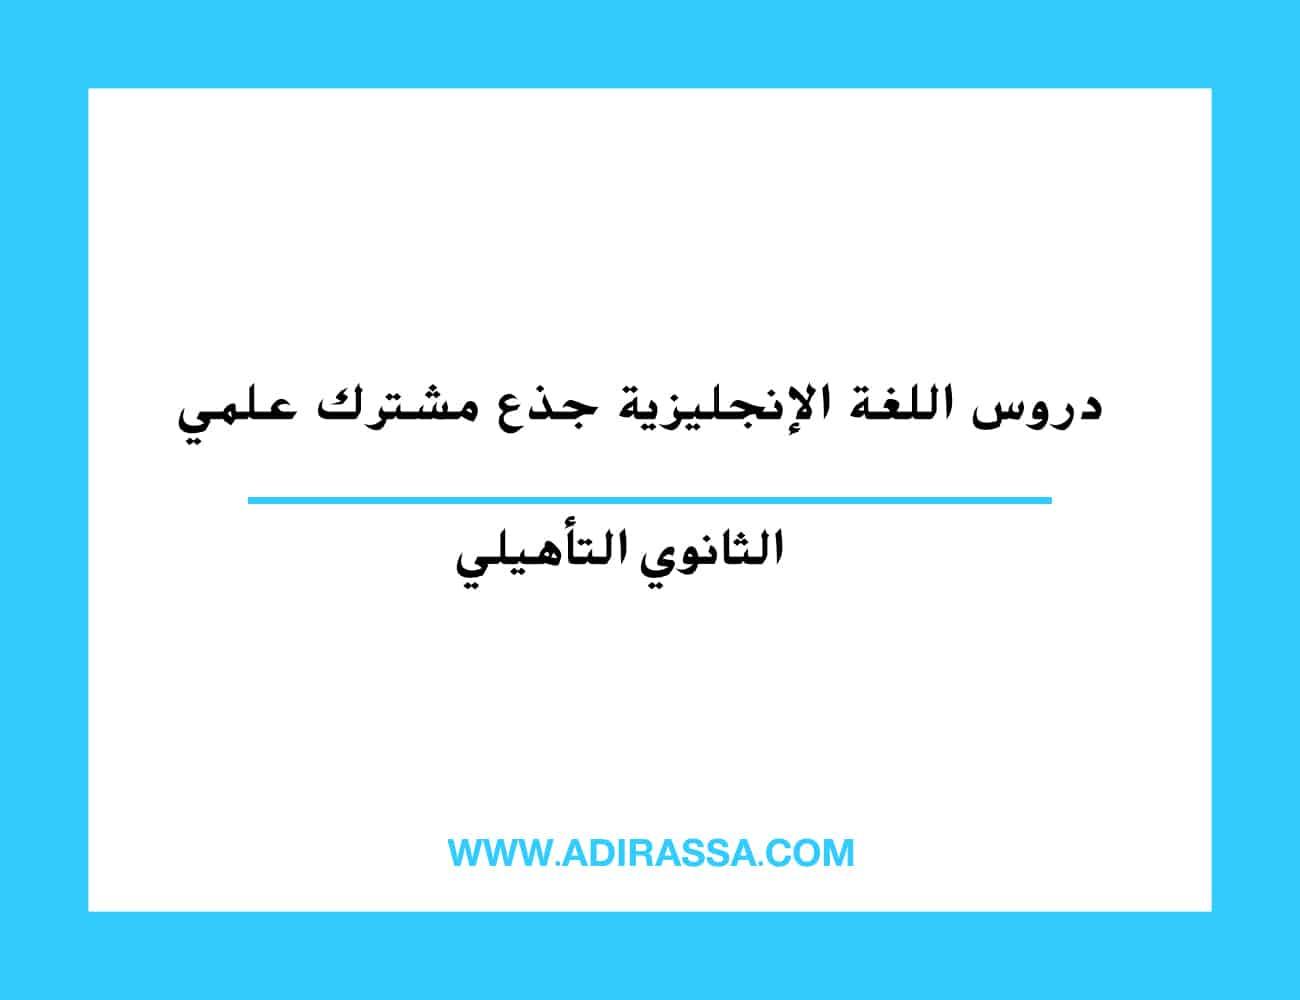 دروس اللغة الإنجليزية جذع مشترك علمي المقررة بالمدرسة المغربية